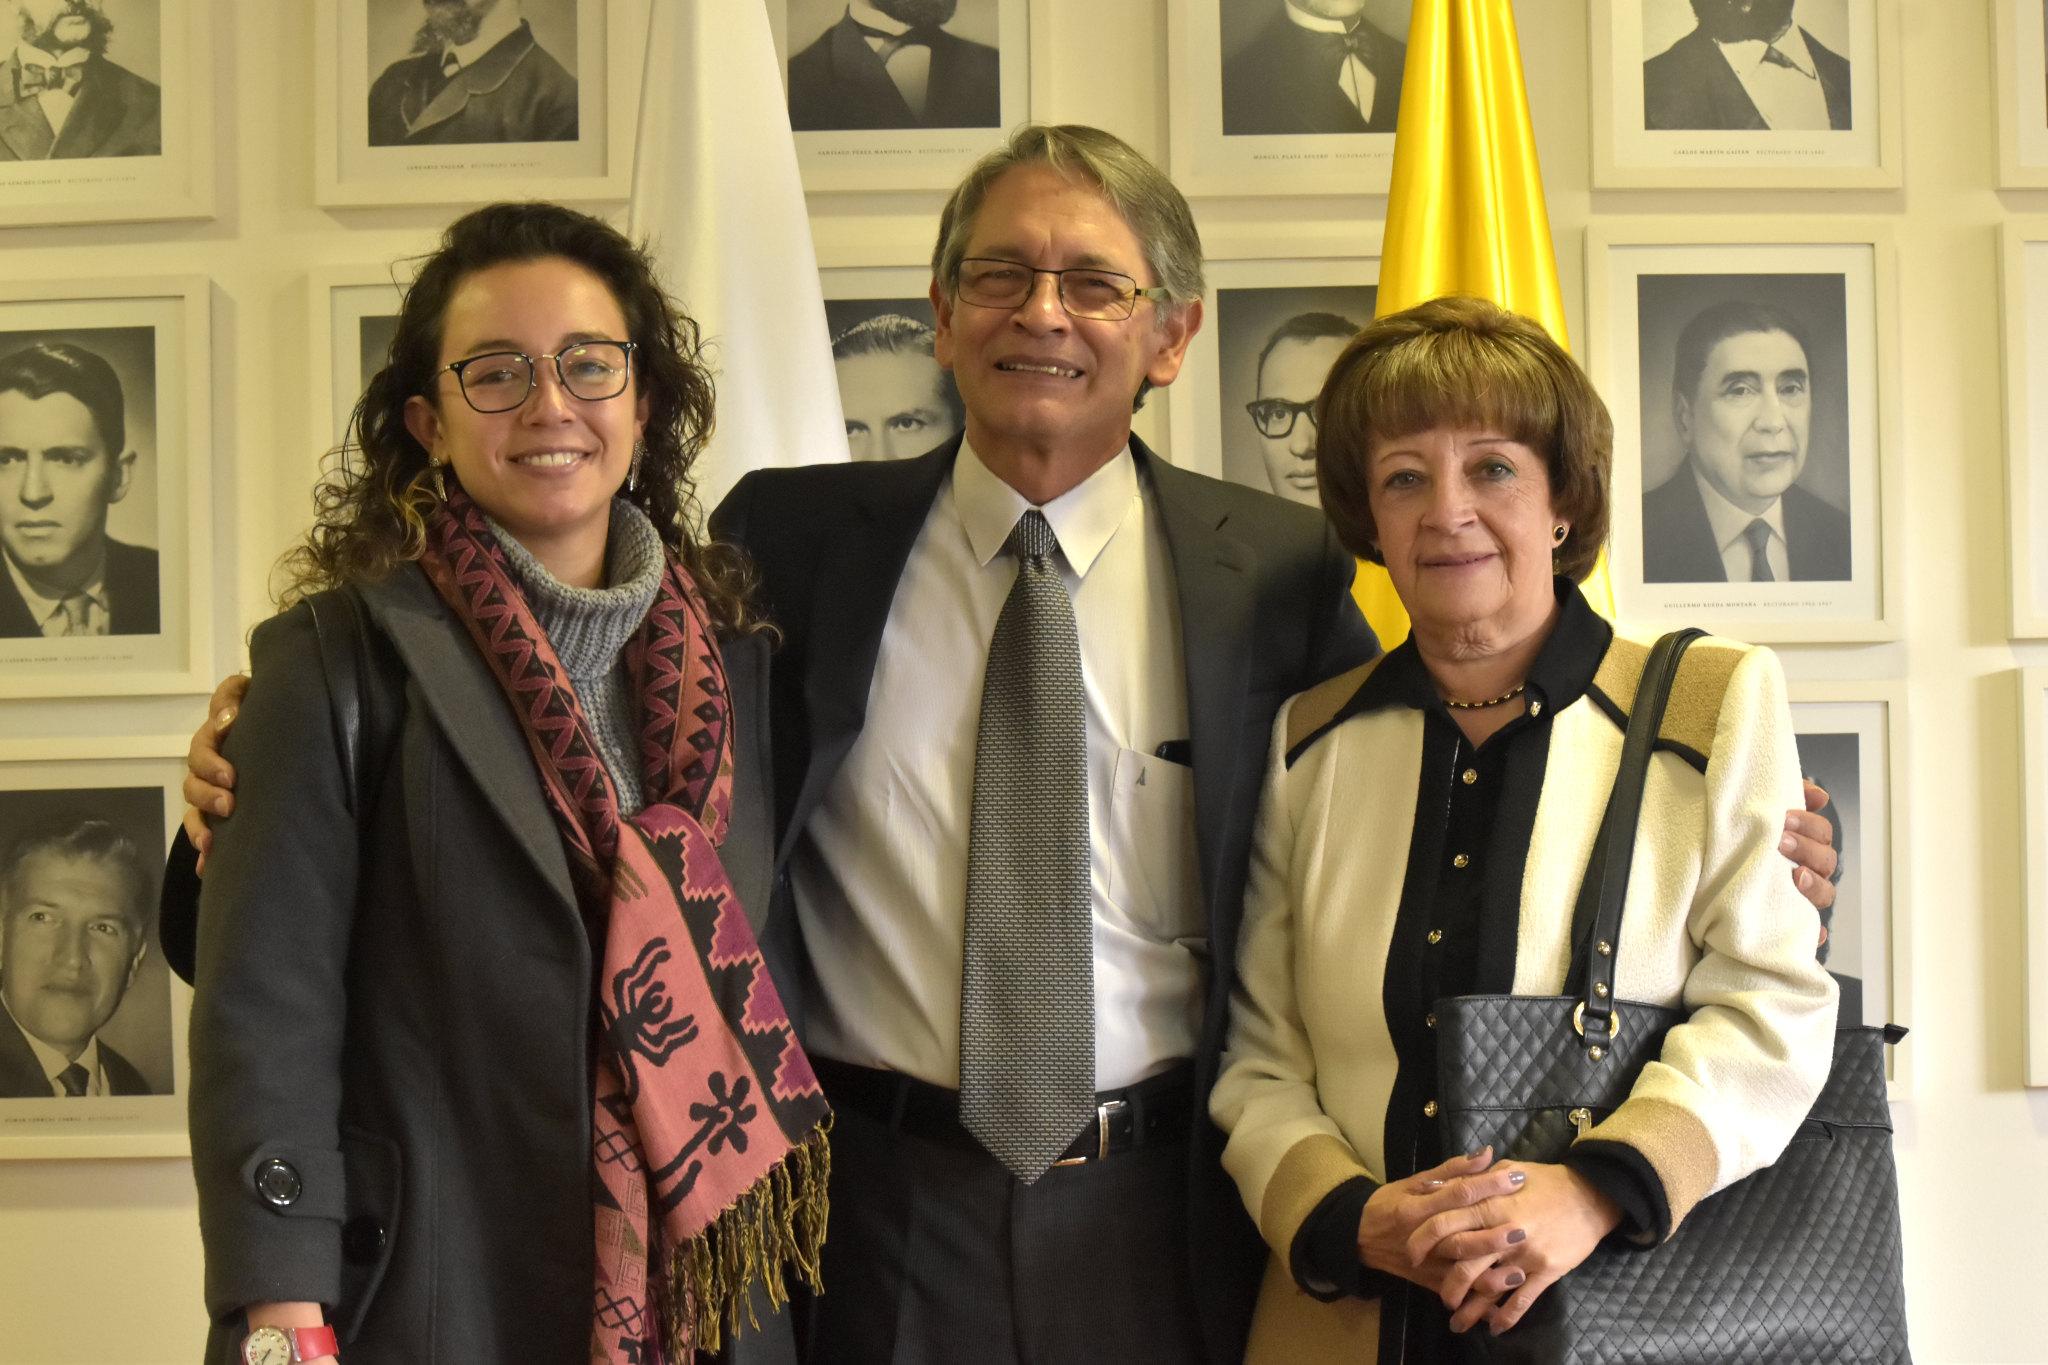 El vicerrector de Investigación Gustavo Buitrago Hurtado (centro), con su hija (izquierda) y su esposa (Foto: VRI)